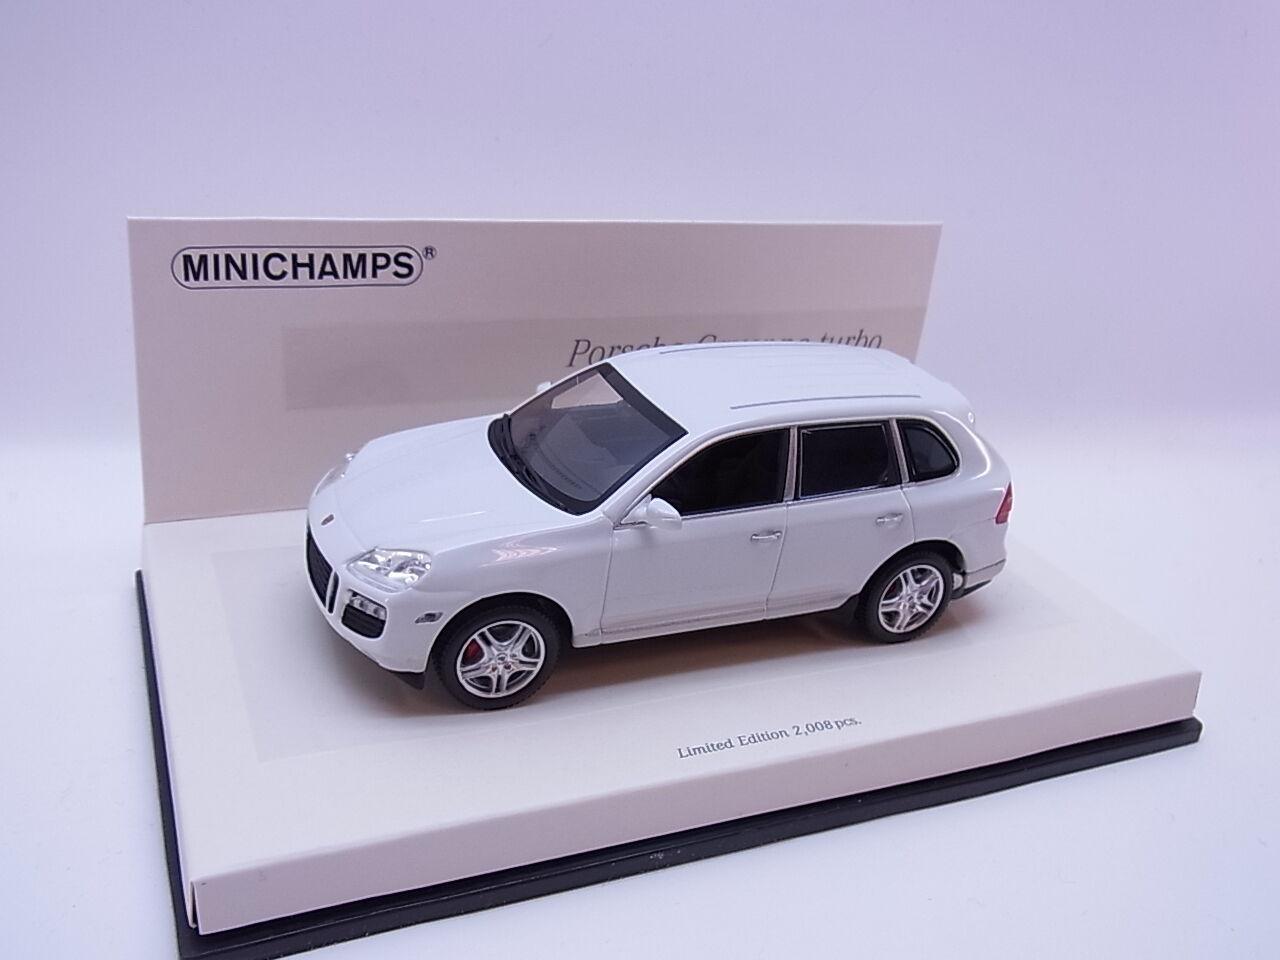 Lot 26158   MINICHAMPS 436066270 Porsche Cayenne Turbo 2007 Voiture Miniature 1 43 neuf dans sa boîte